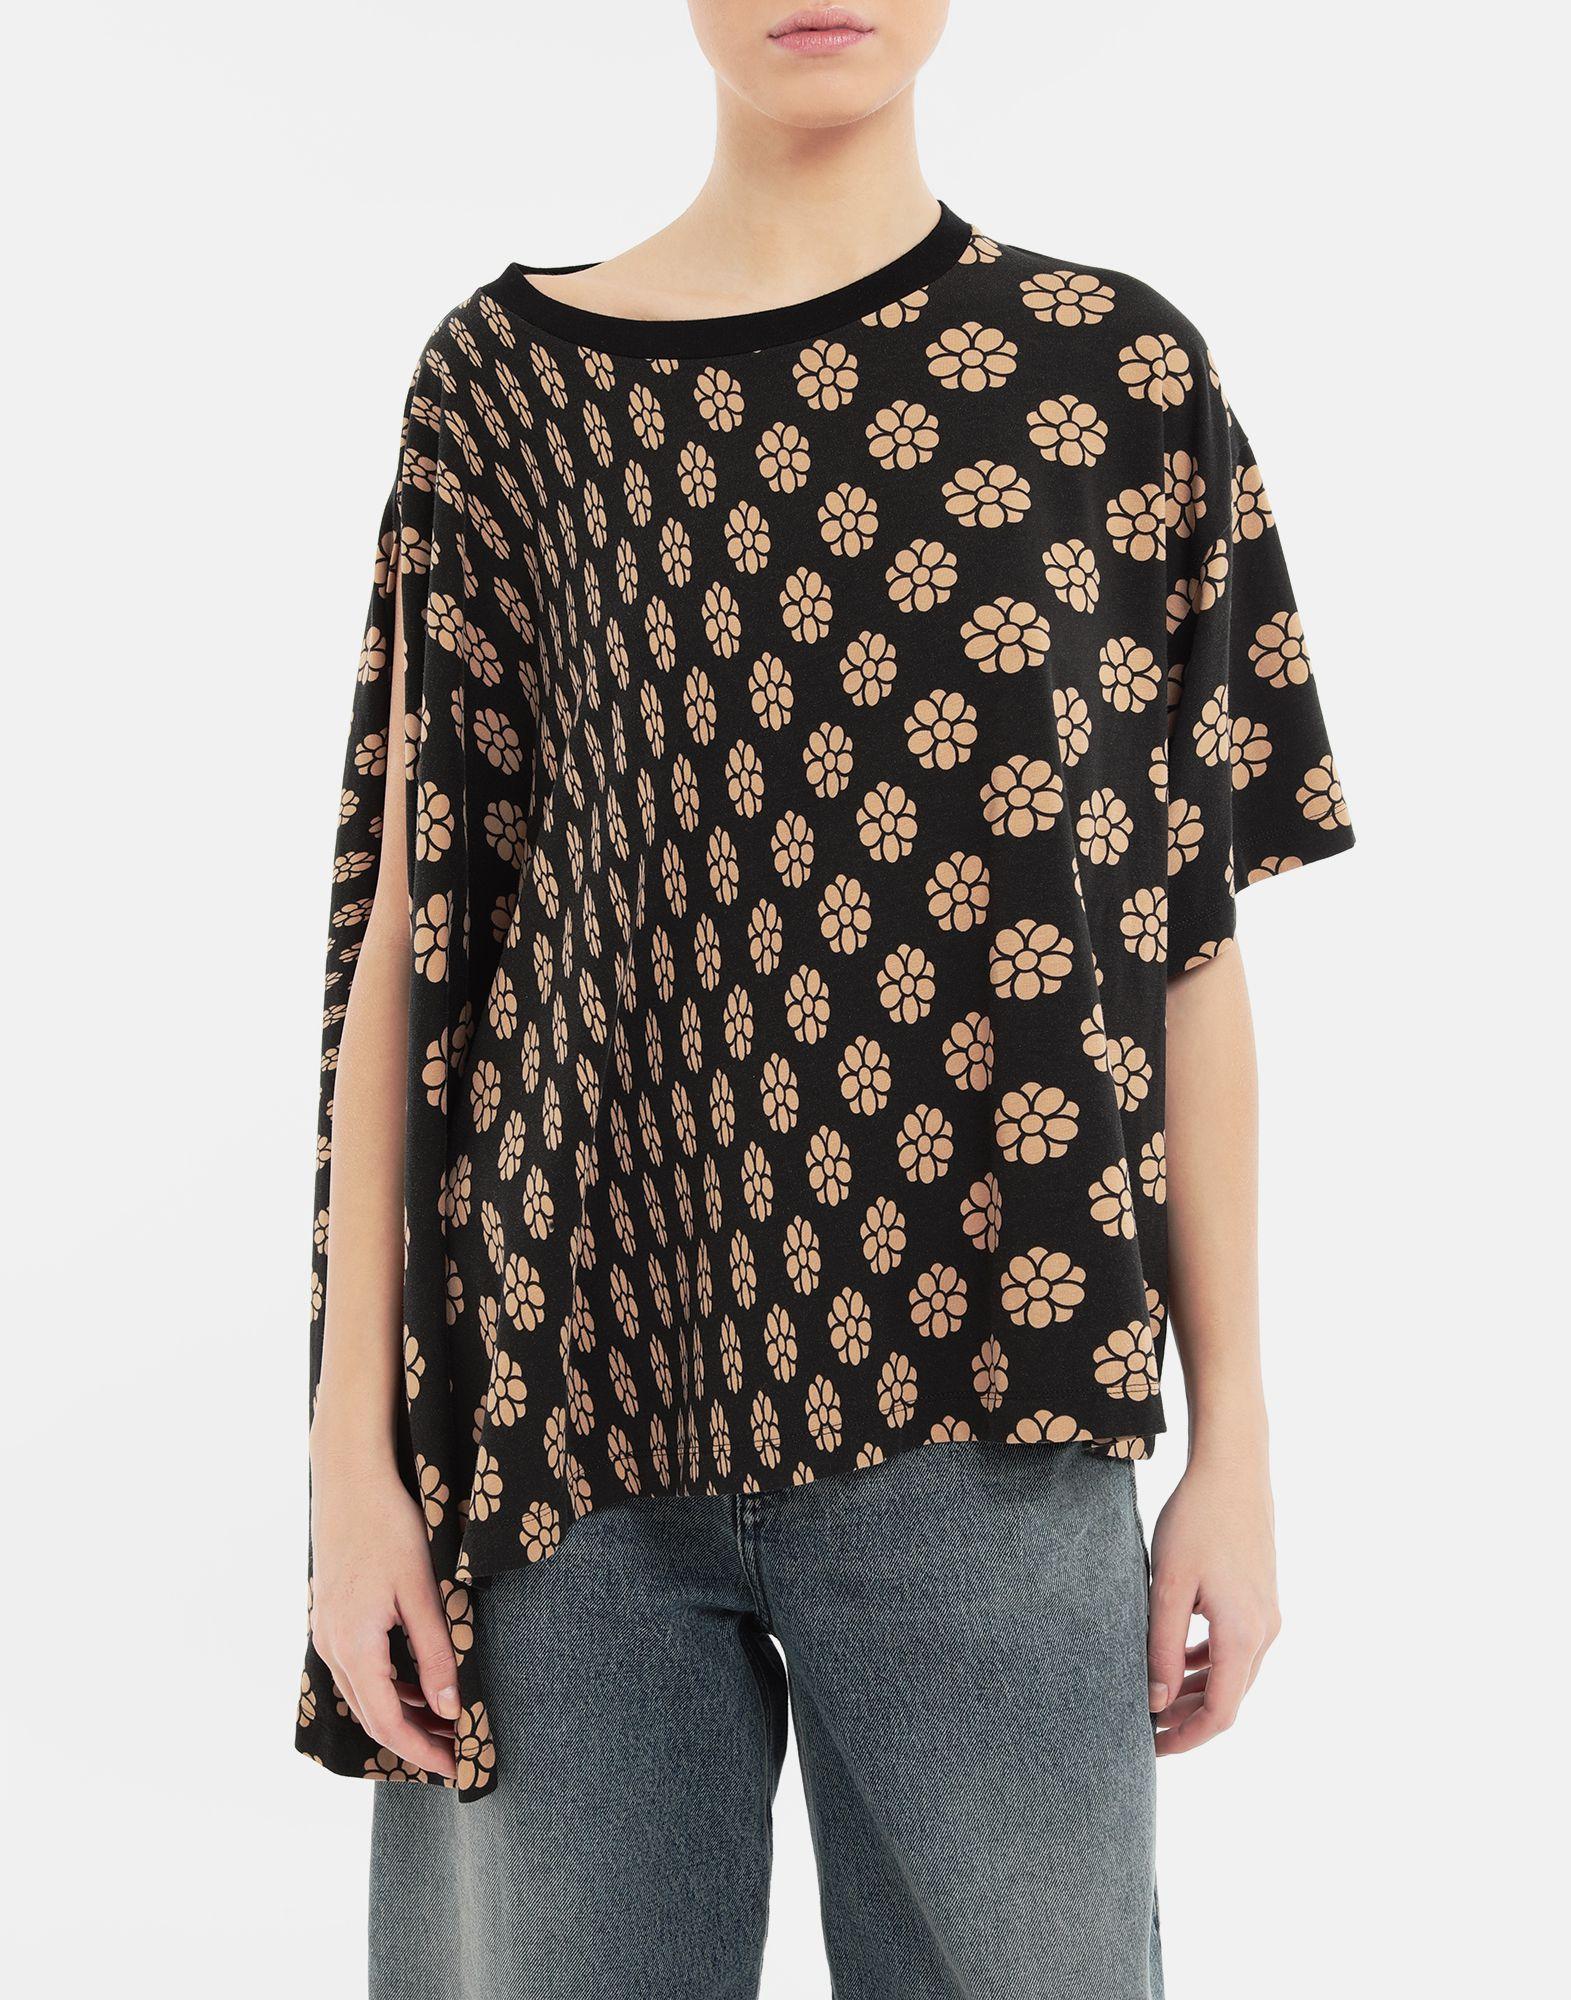 MM6 MAISON MARGIELA Polka dot flower-print jersey shirt Short sleeve t-shirt Woman r